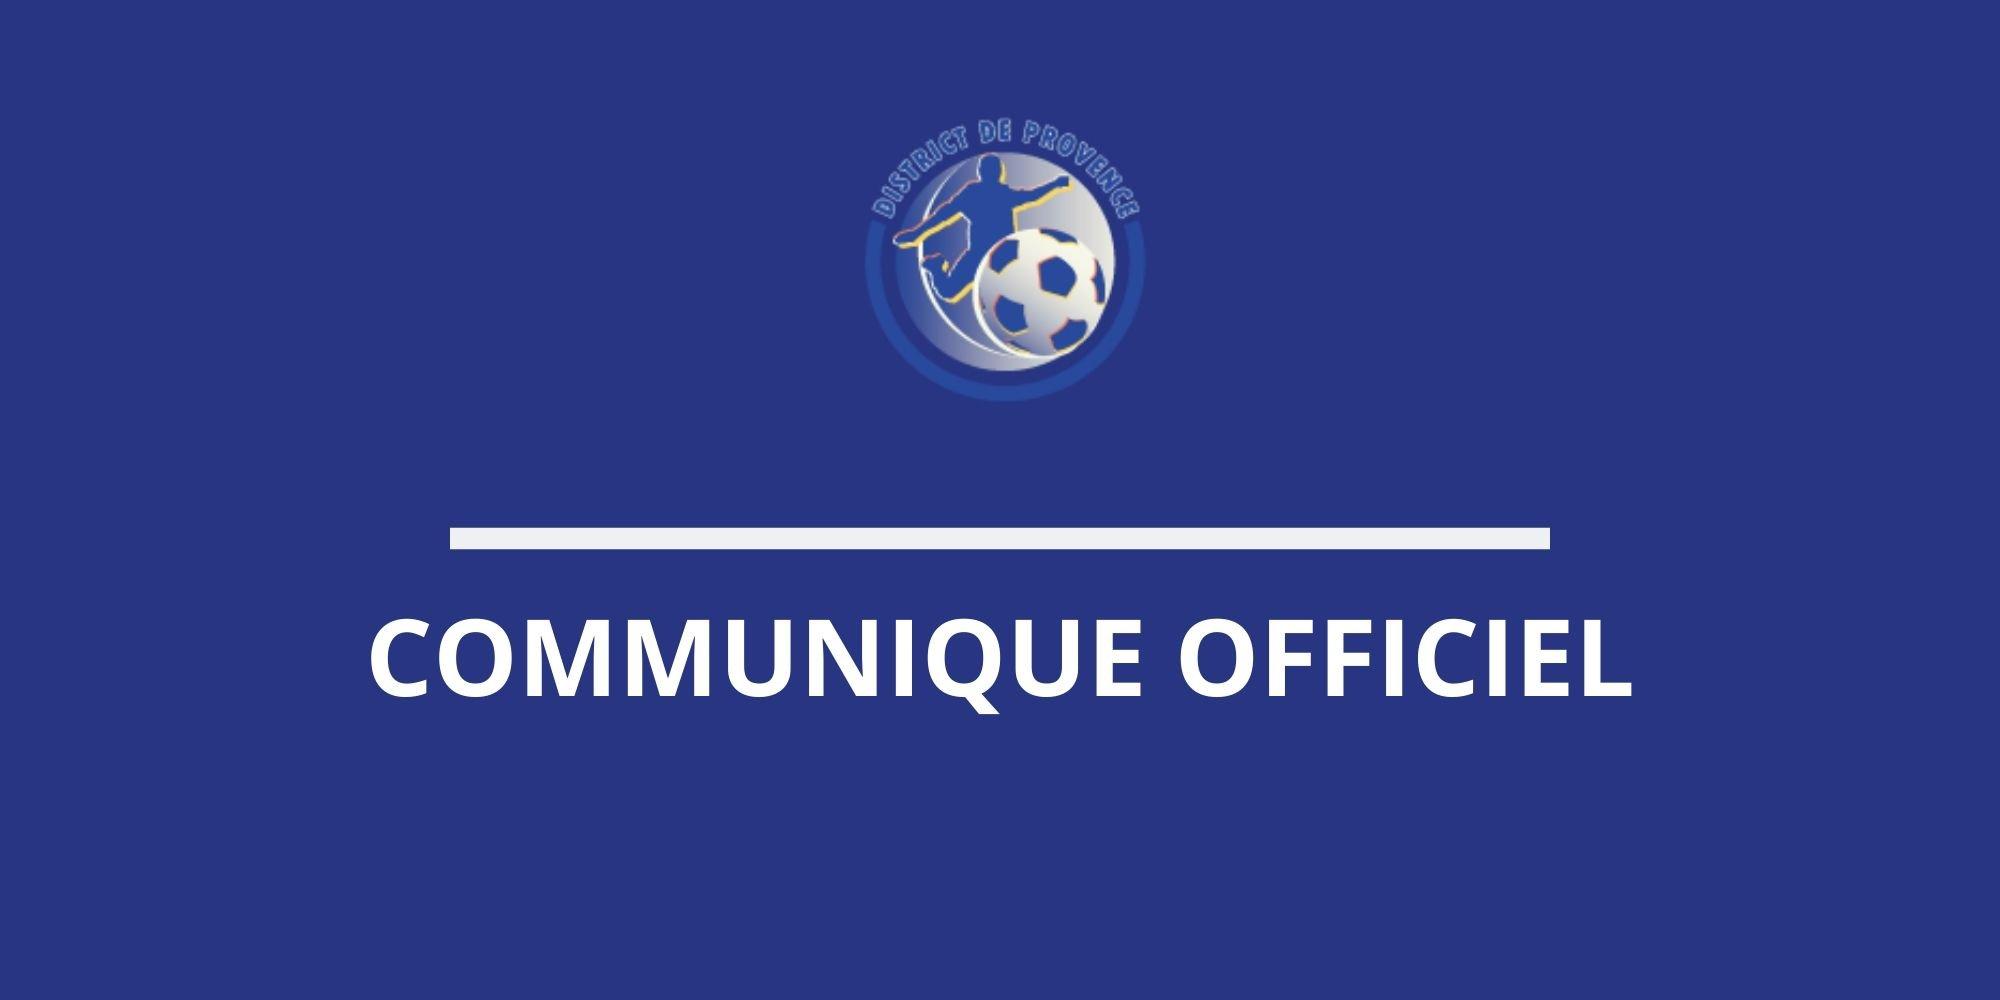 COMMUNIQUE OFFICIEL - District de Provence